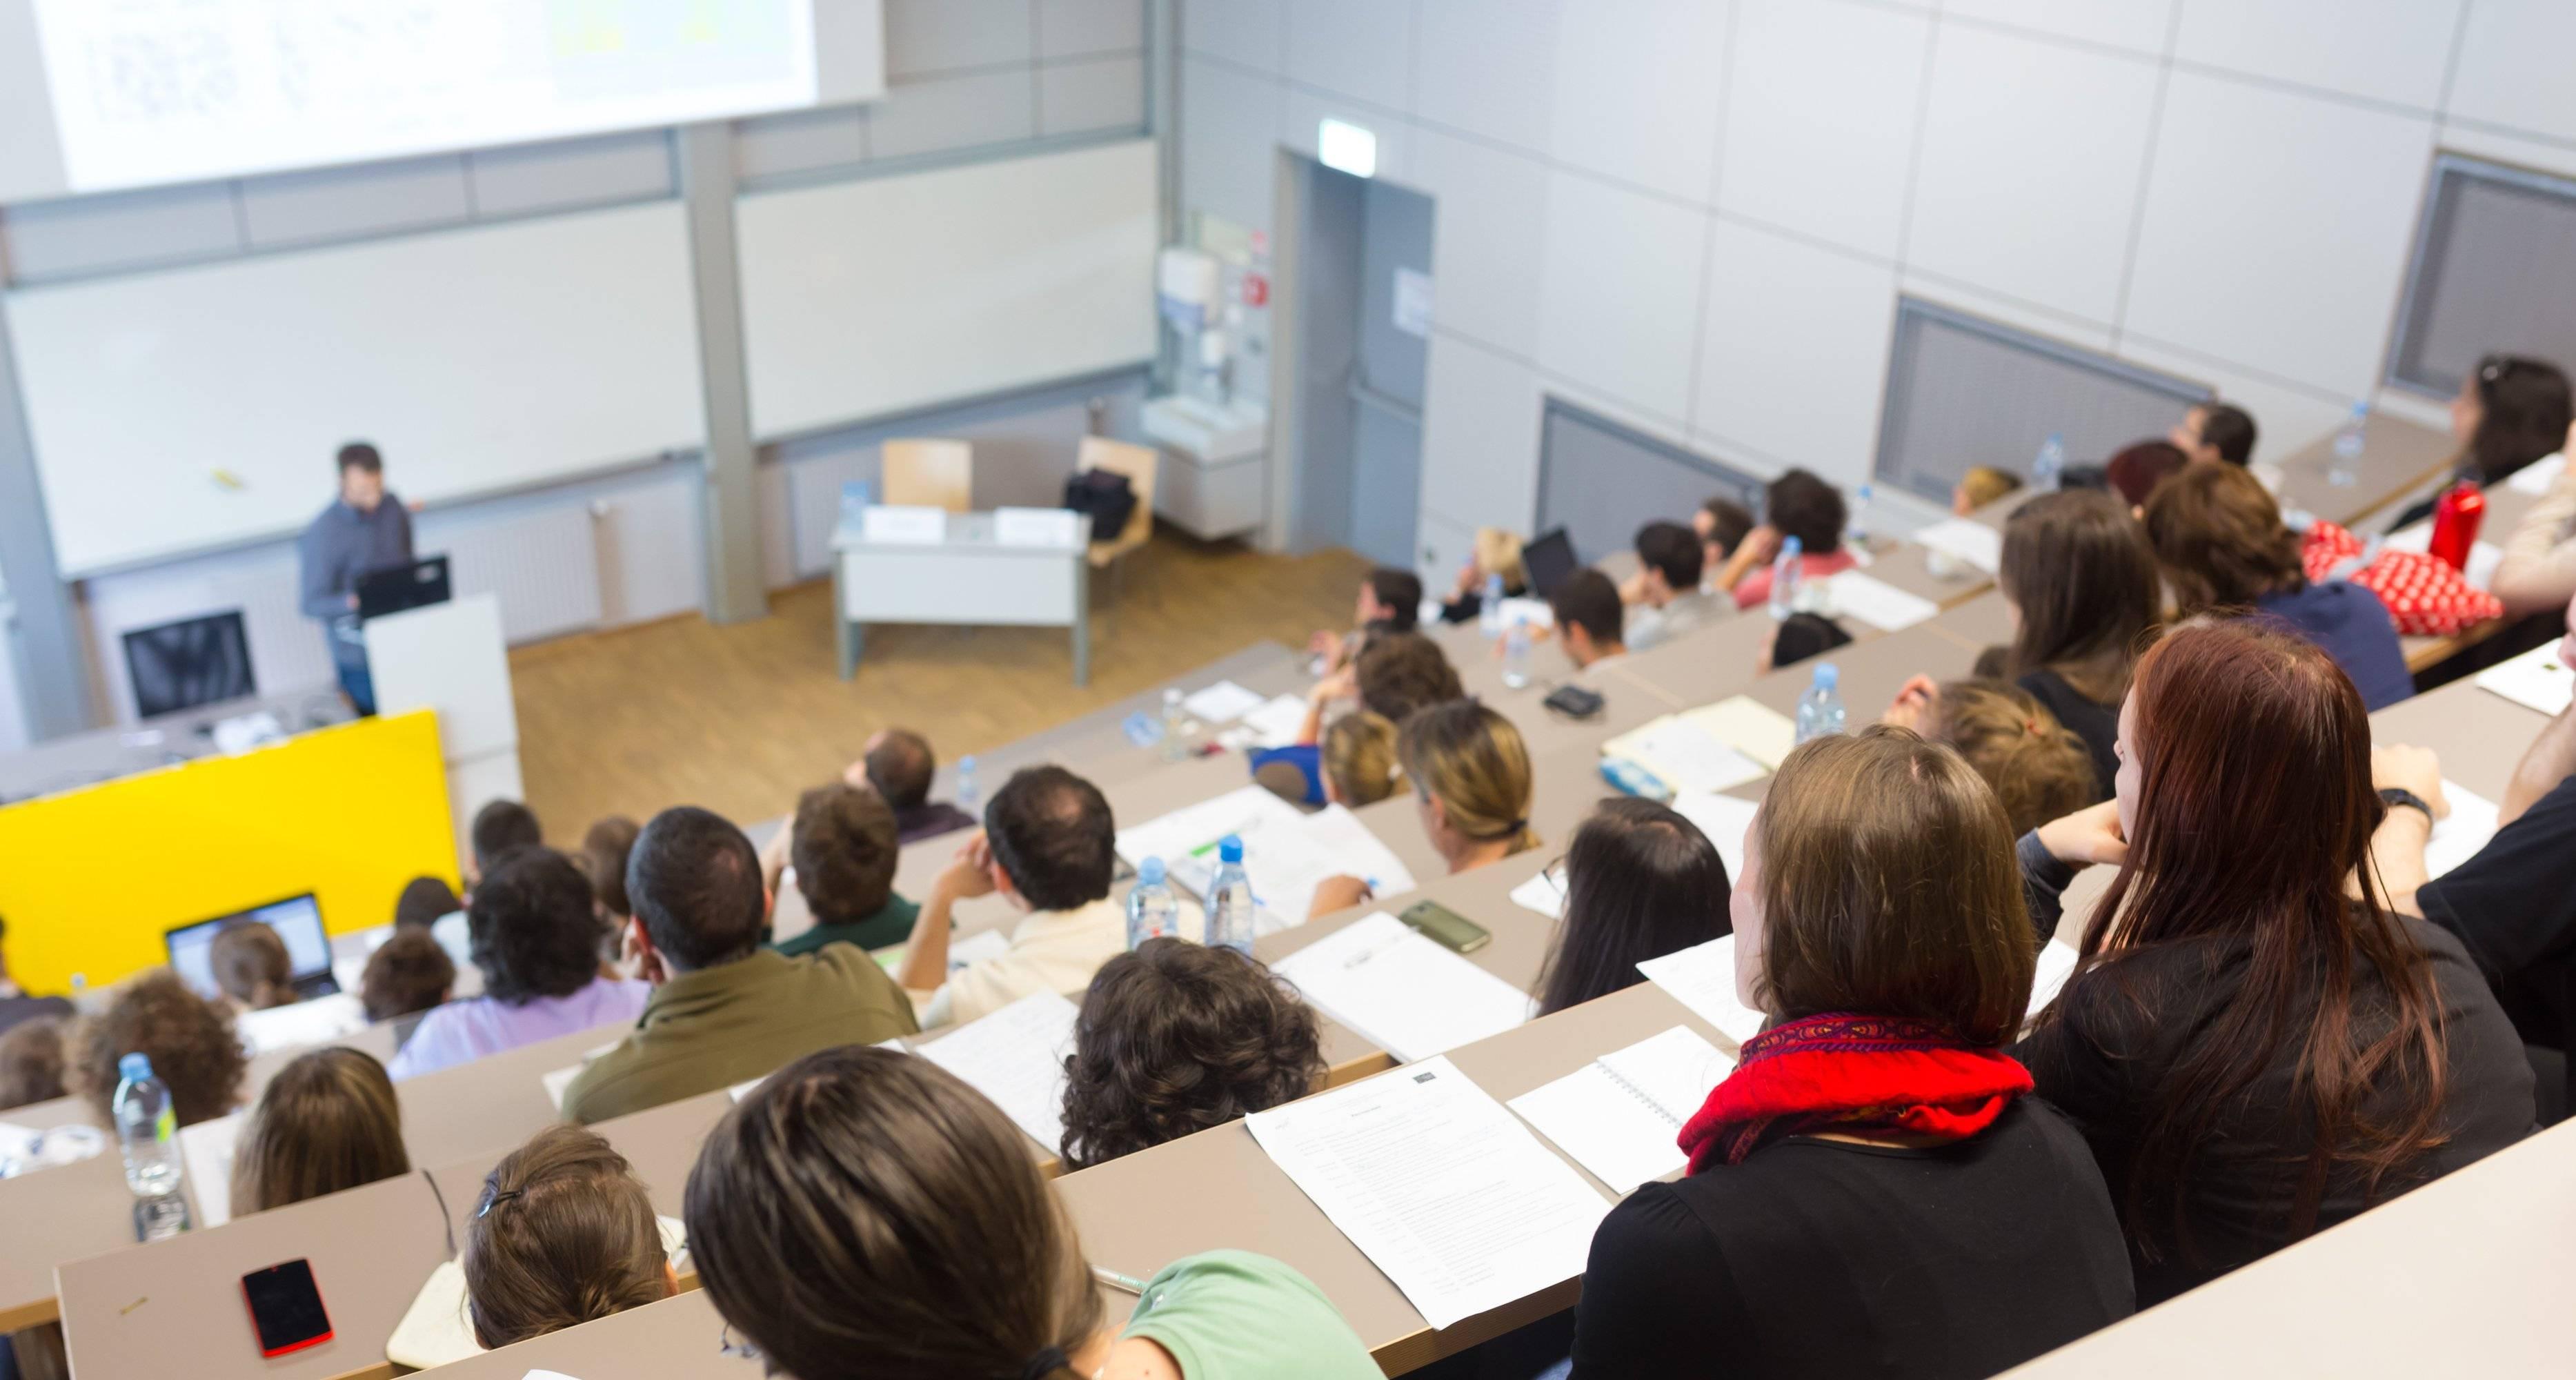 Образование и обучение в греции - особенности, стоимость и другие нюансы